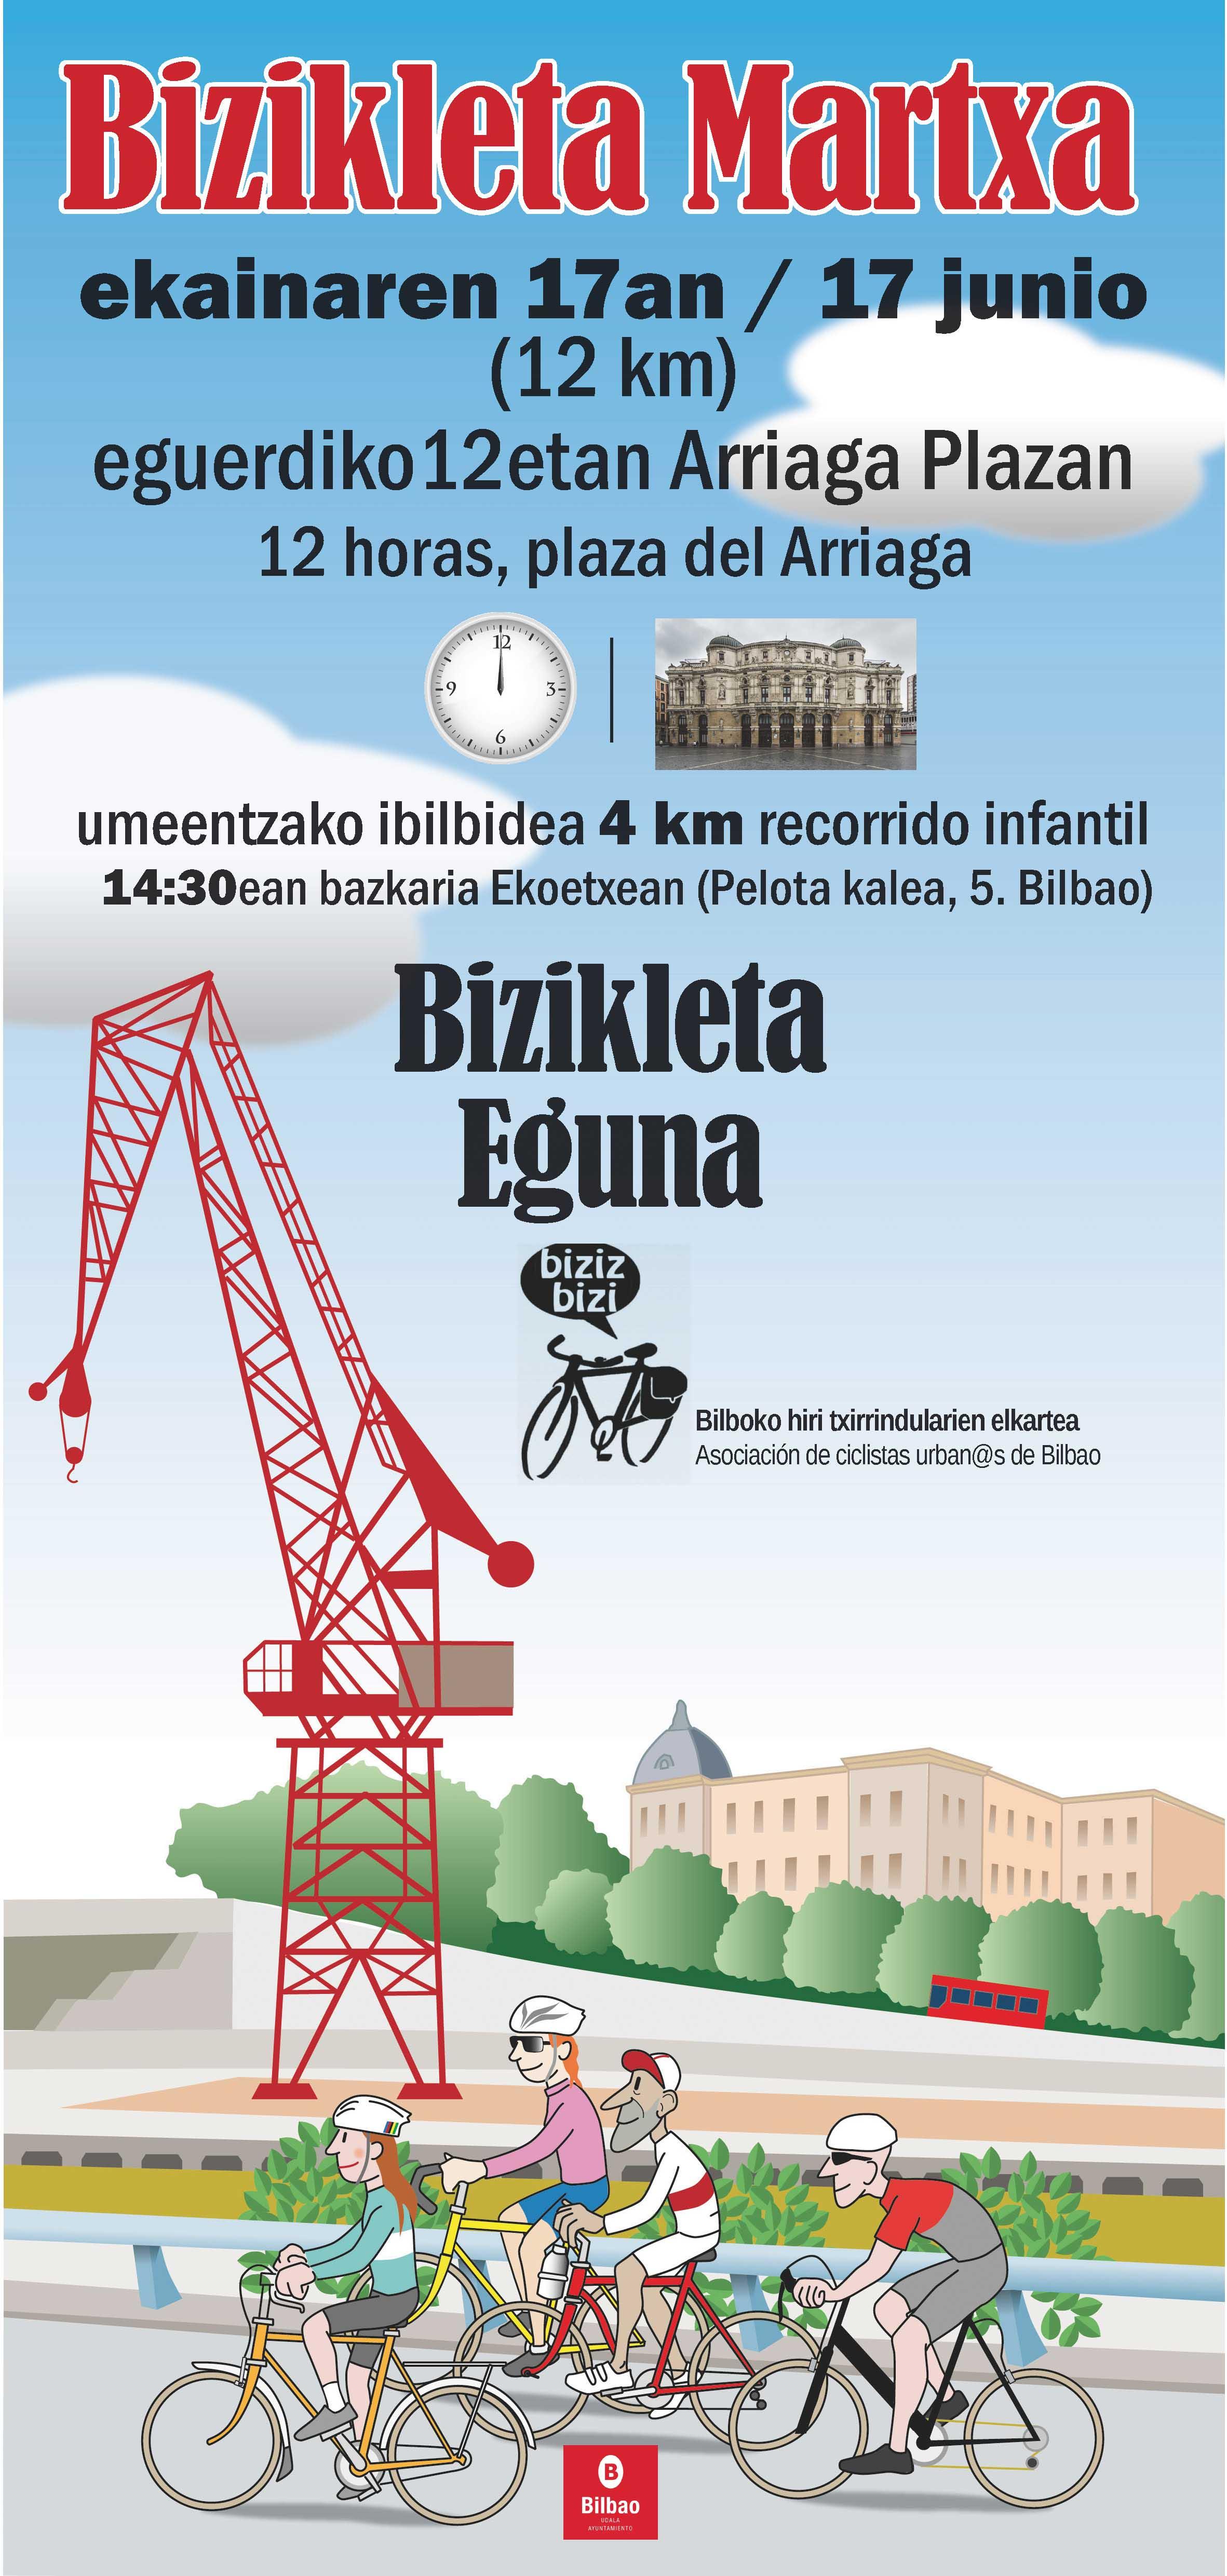 Día de la Bicicleta. Bilbao 2018